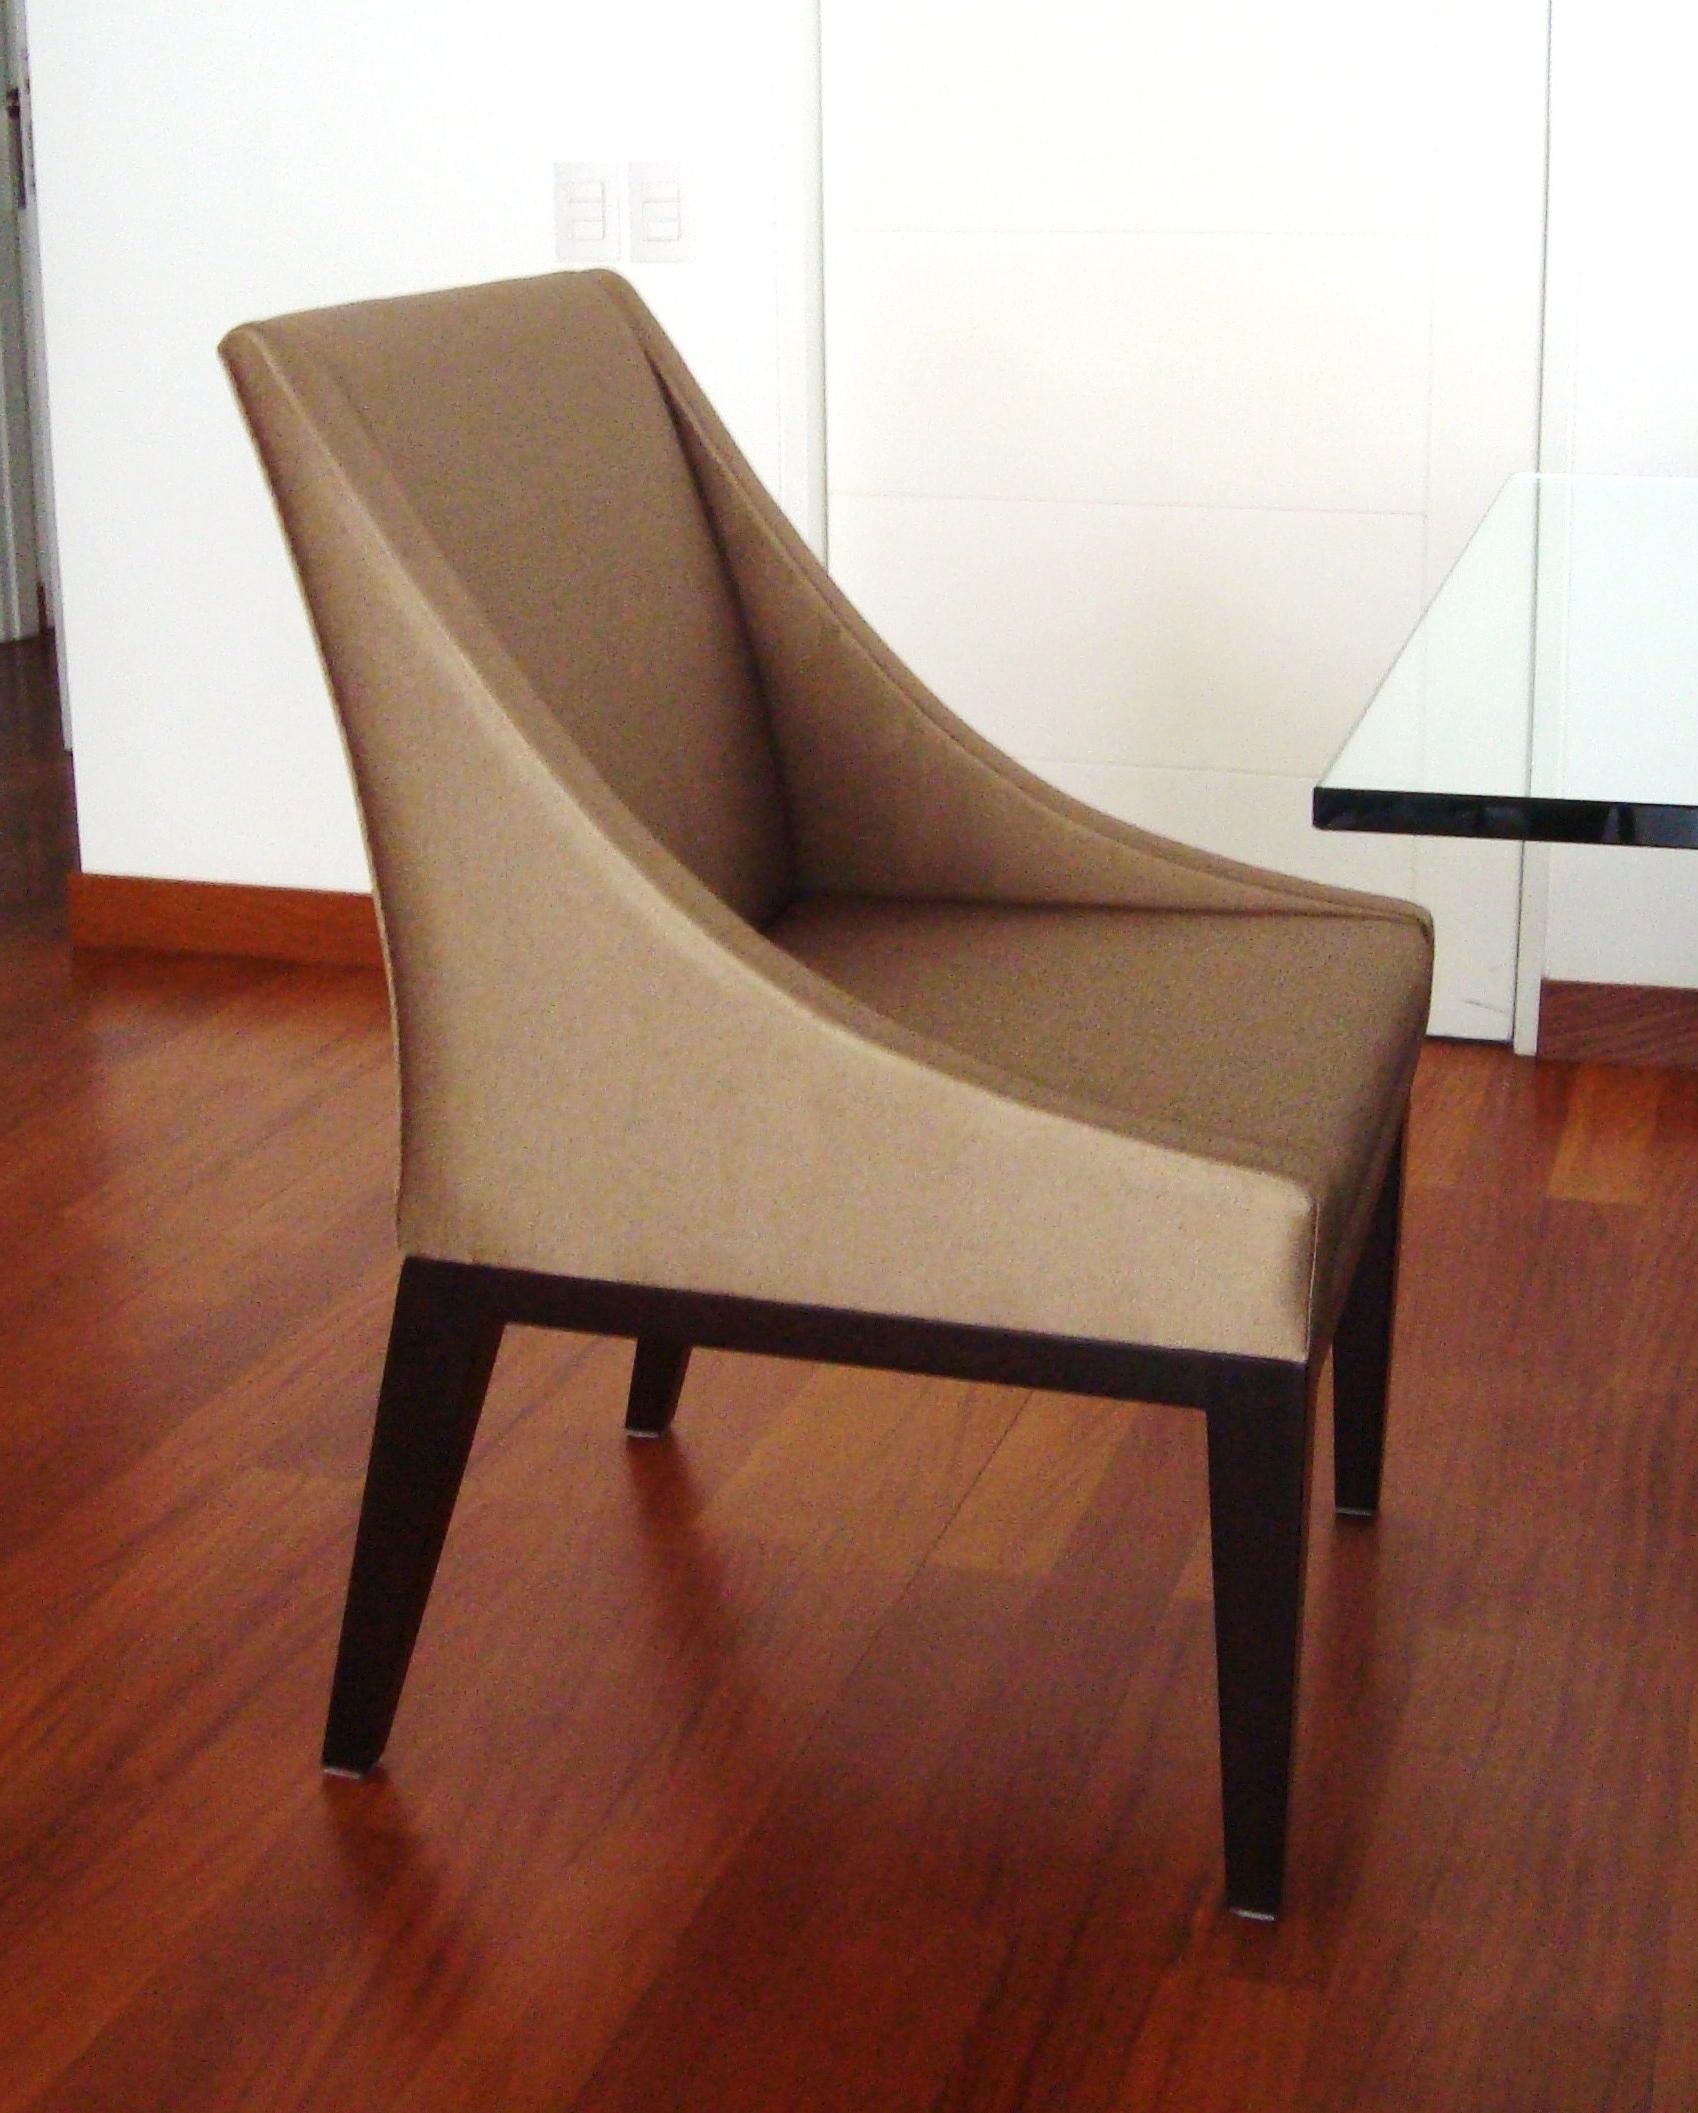 Sillas Diseño Baratas X8d1 Silla Escritorio Diseà O Concepto Hacia Pintar Tus Residencia Cuartoz